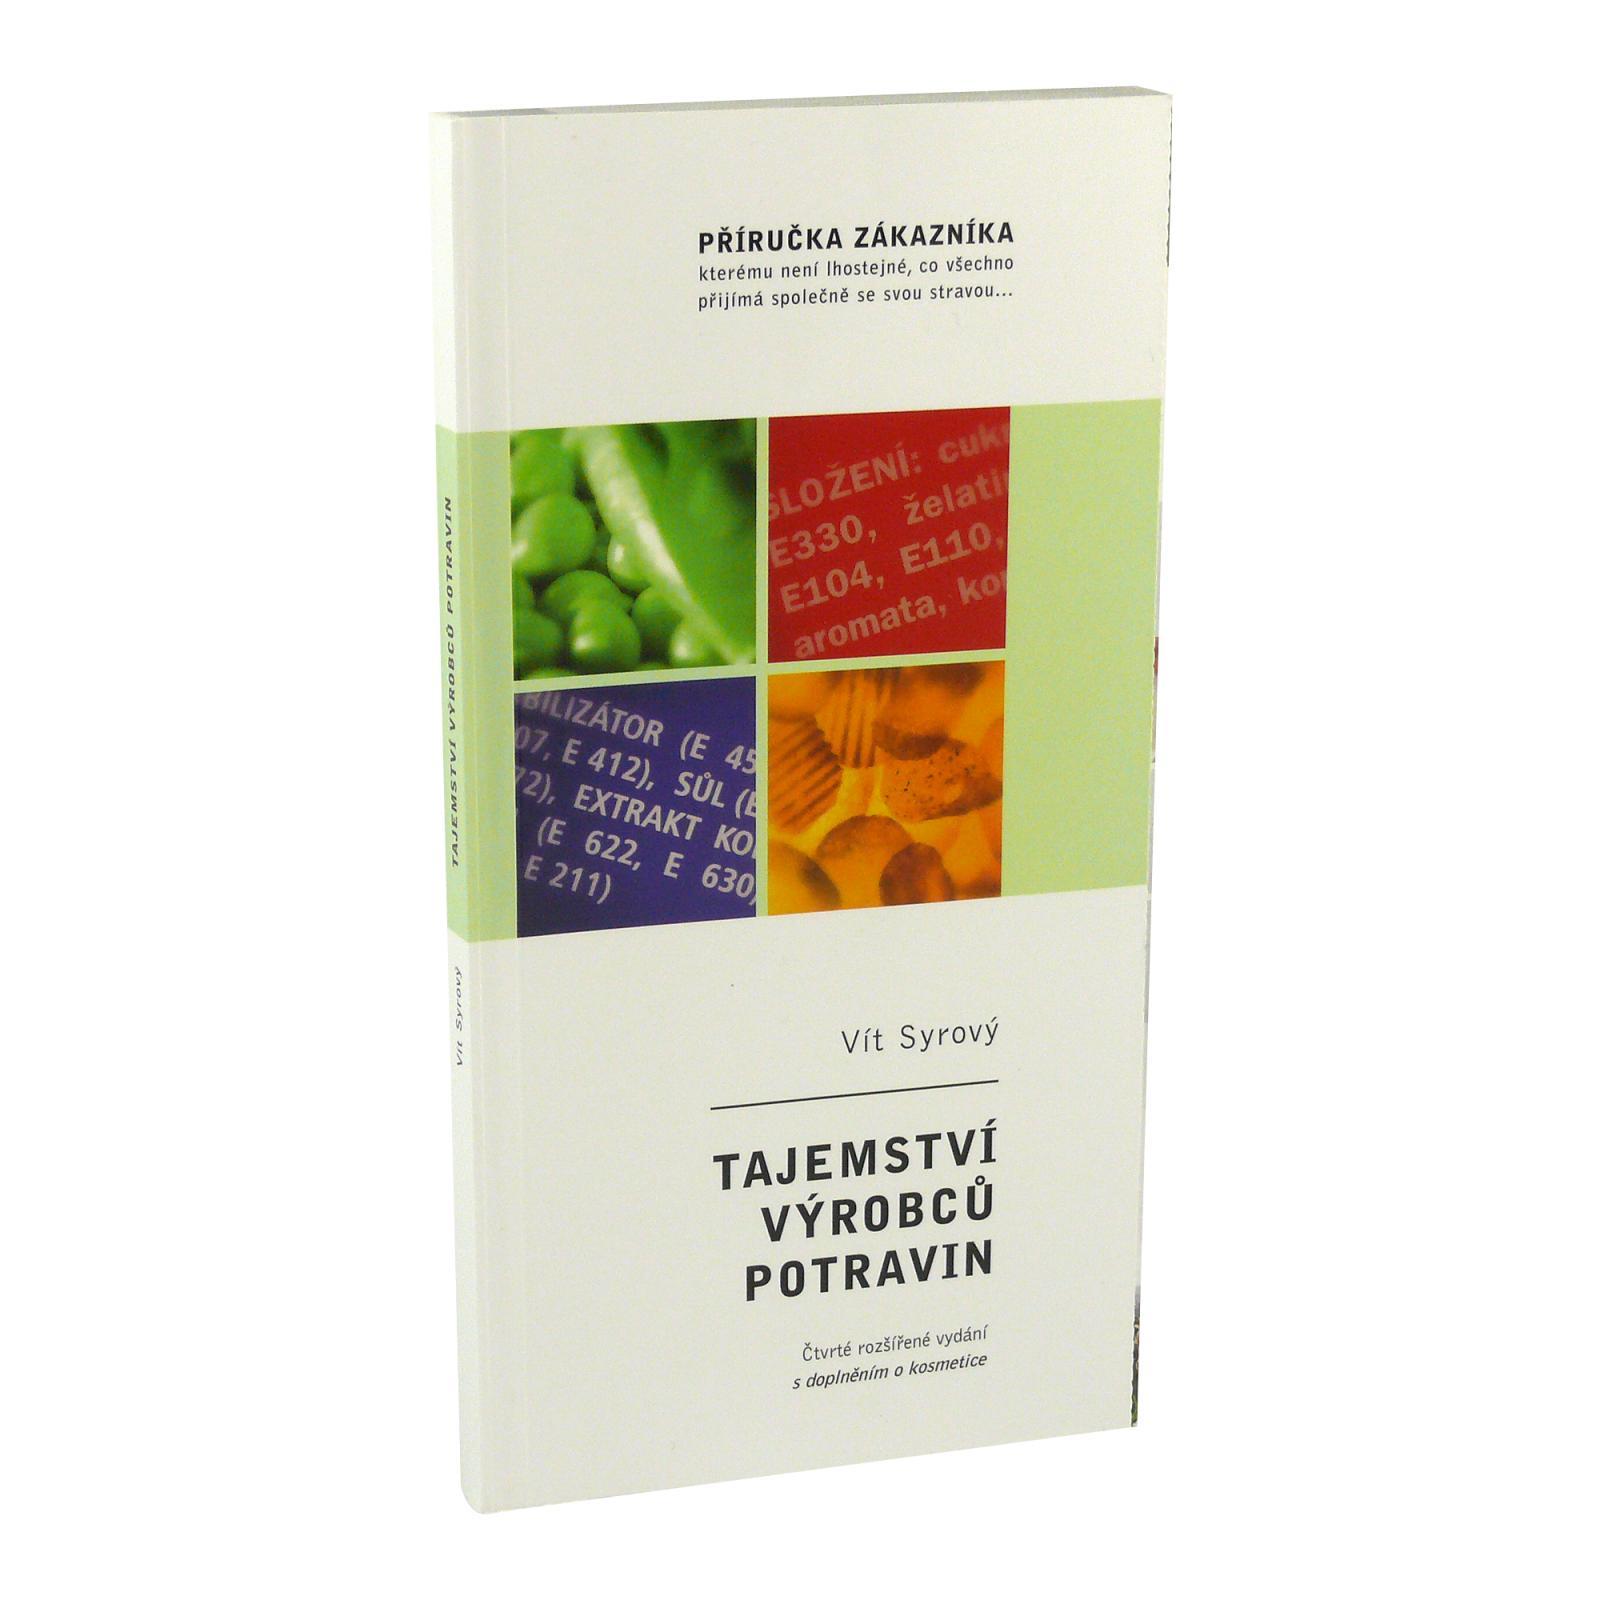 Vít Syrový Tajemství výrobců potravin, Vít Syrový 127 stran